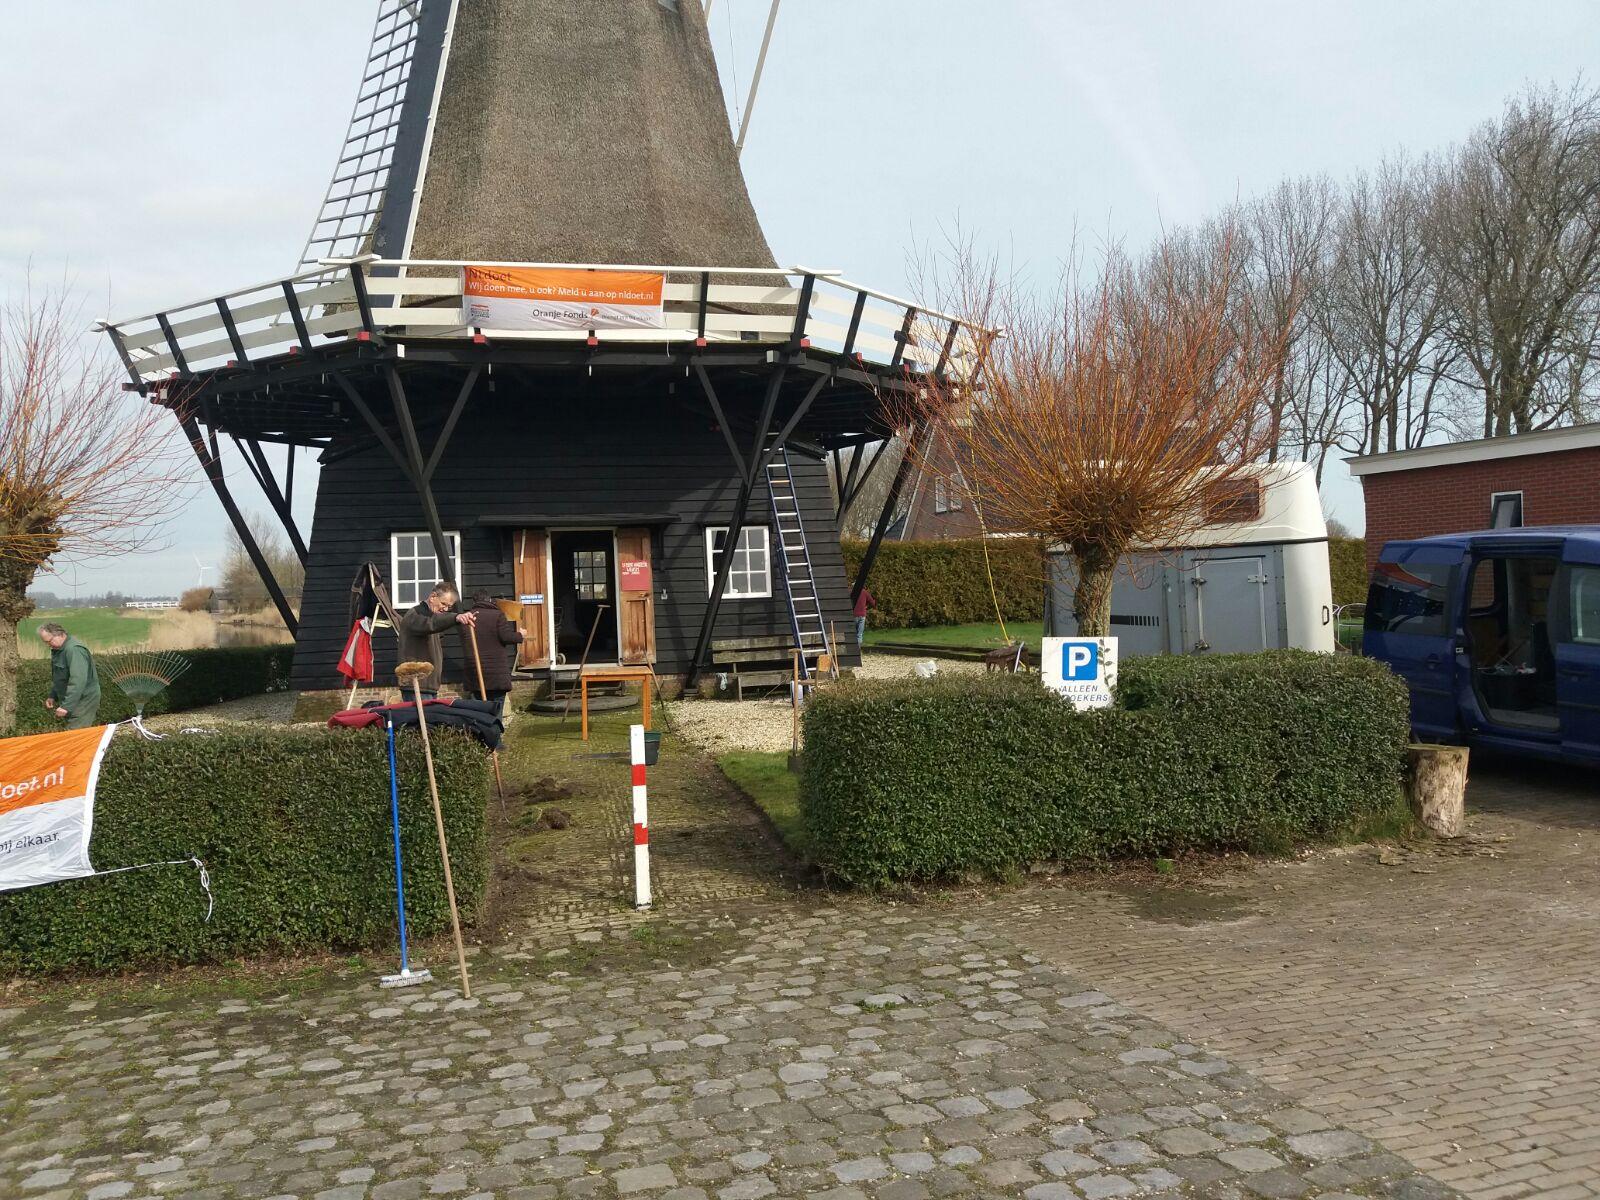 Vrouwbuurtstermolen NL Doet 2017